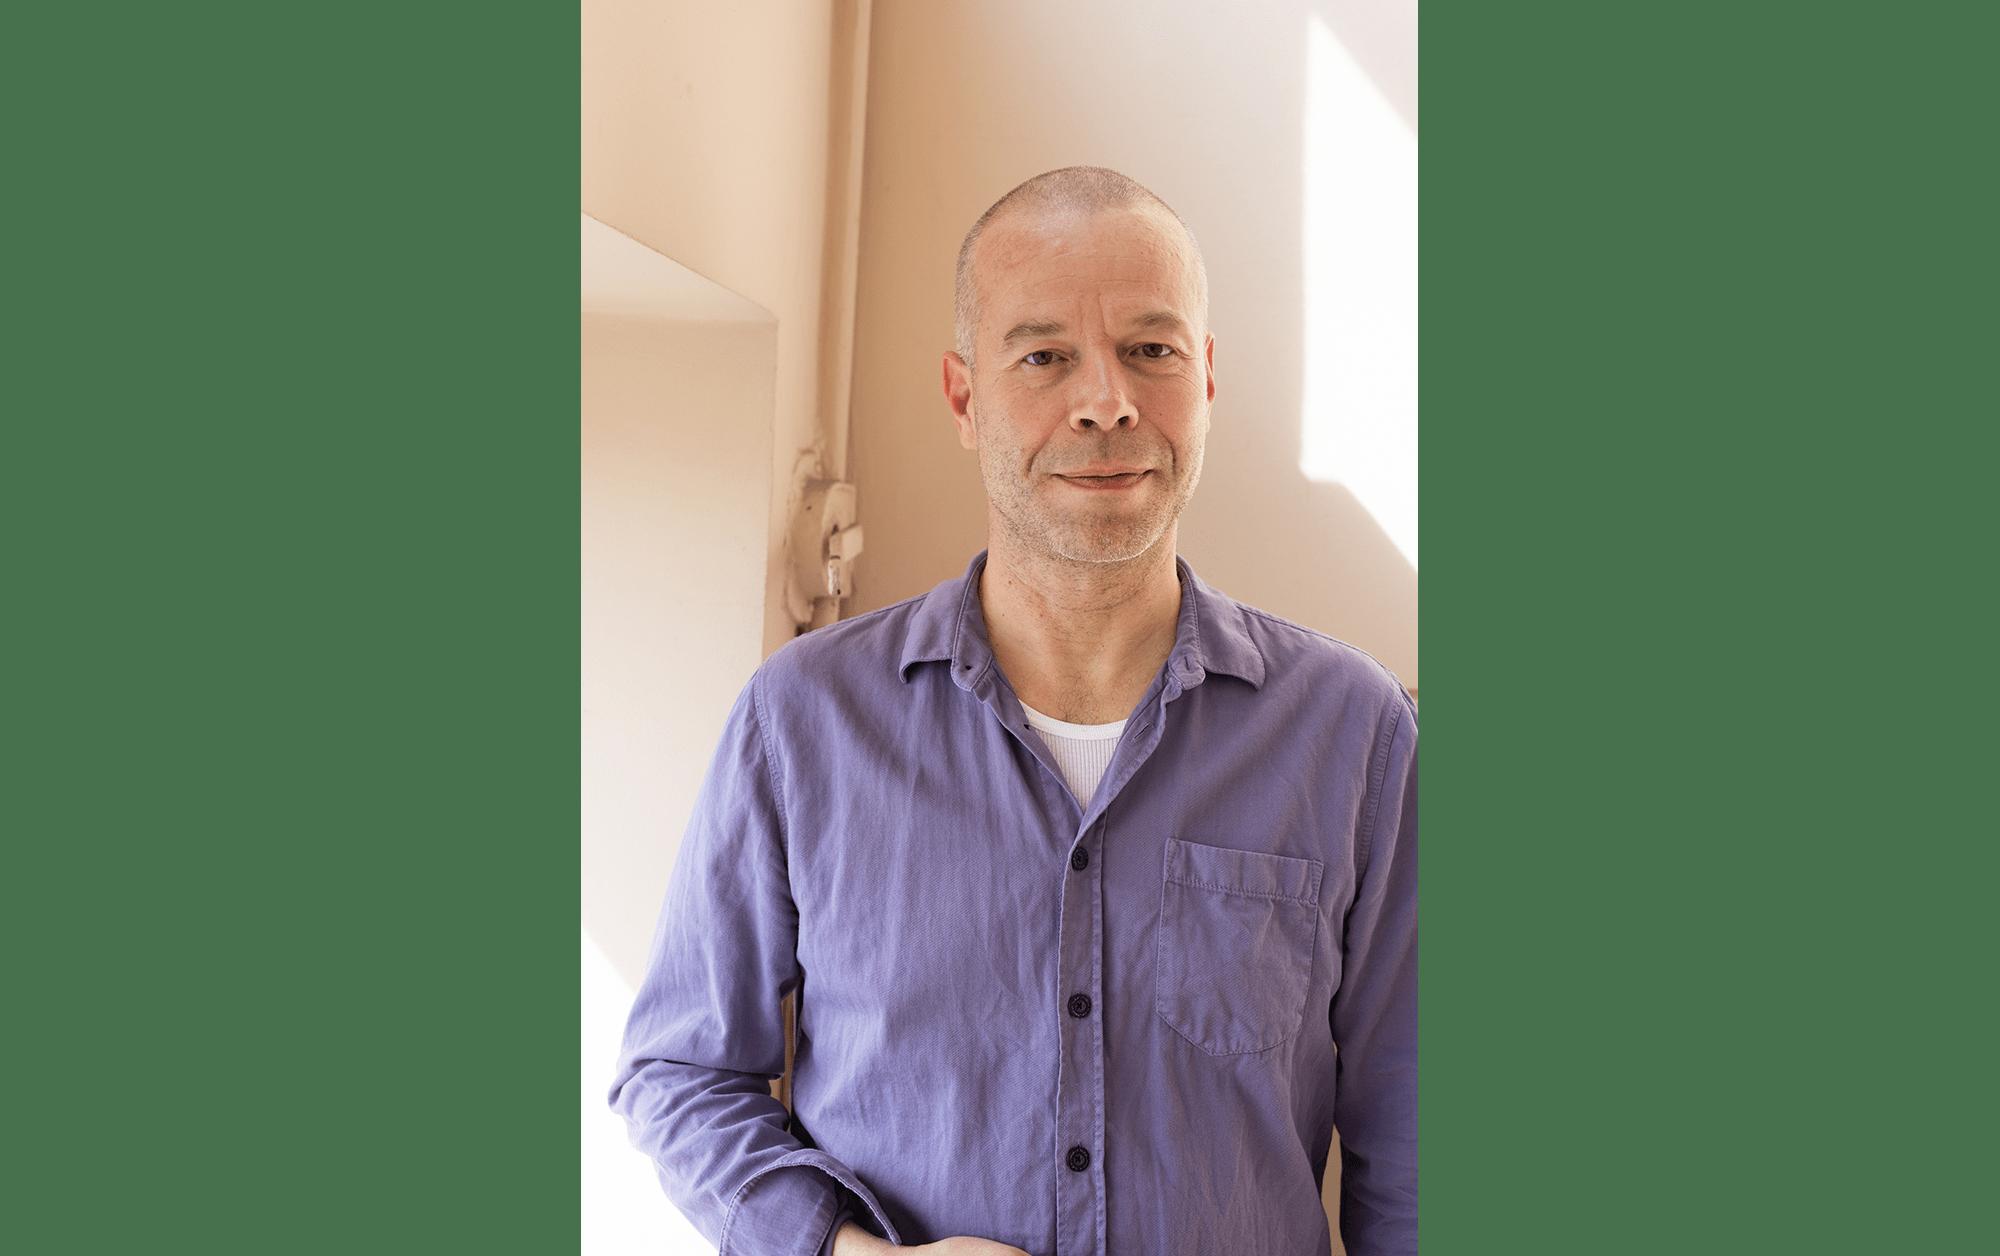 ヴォルフガング・ティルマンス インタヴュー「複雑な時代を照らすアーティスト、ティルマンスの現在地」   Wolfgang Tillmans, Photo by Dan Ipp, 2020